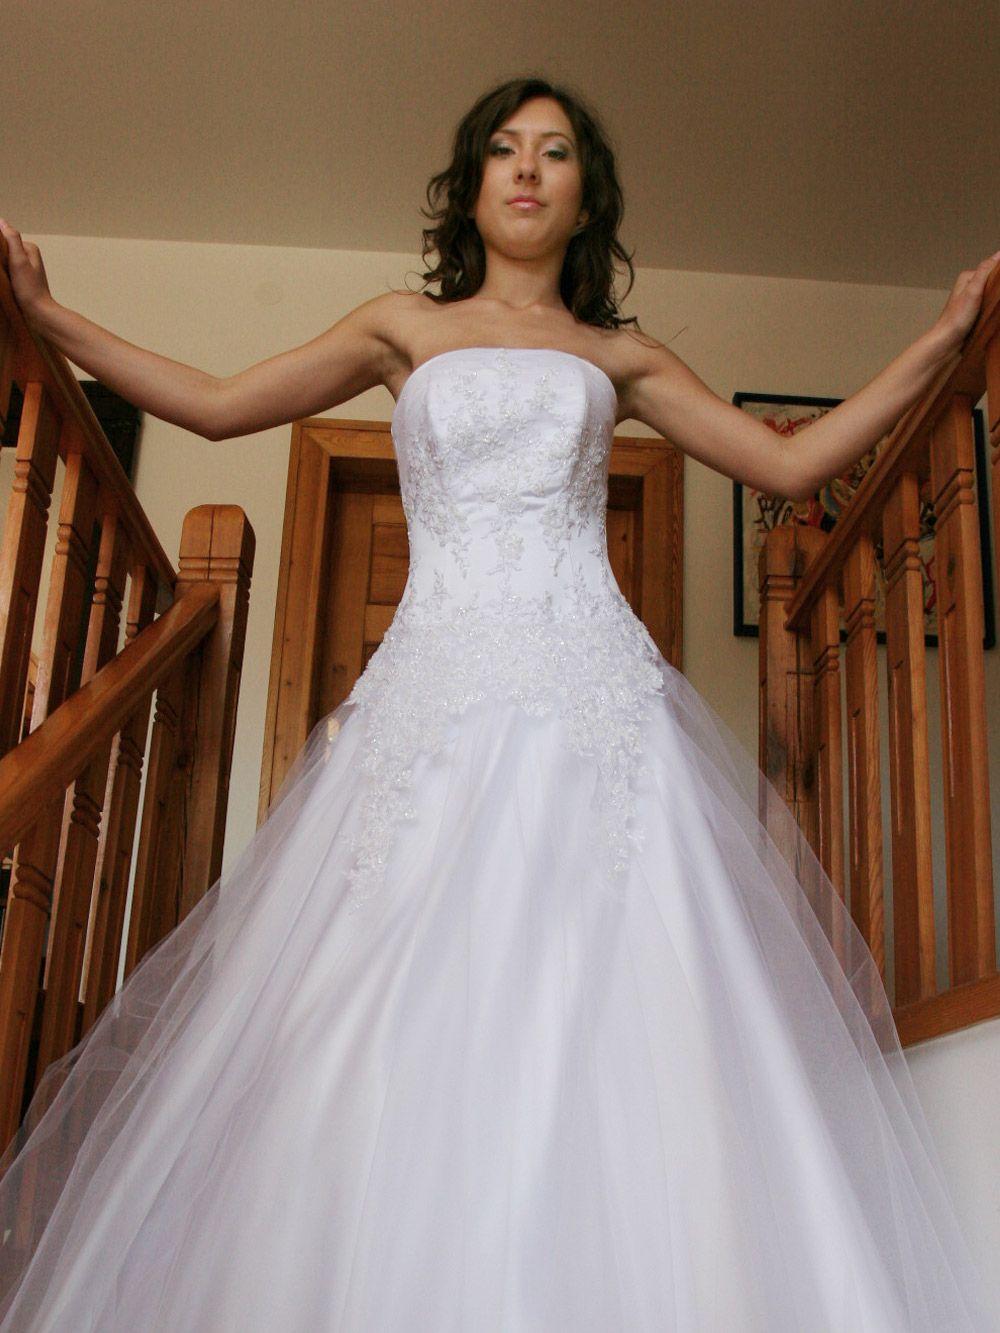 Cinderella Brautkleid | Hochzeit | Pinterest | Cinderella brautkleid ...